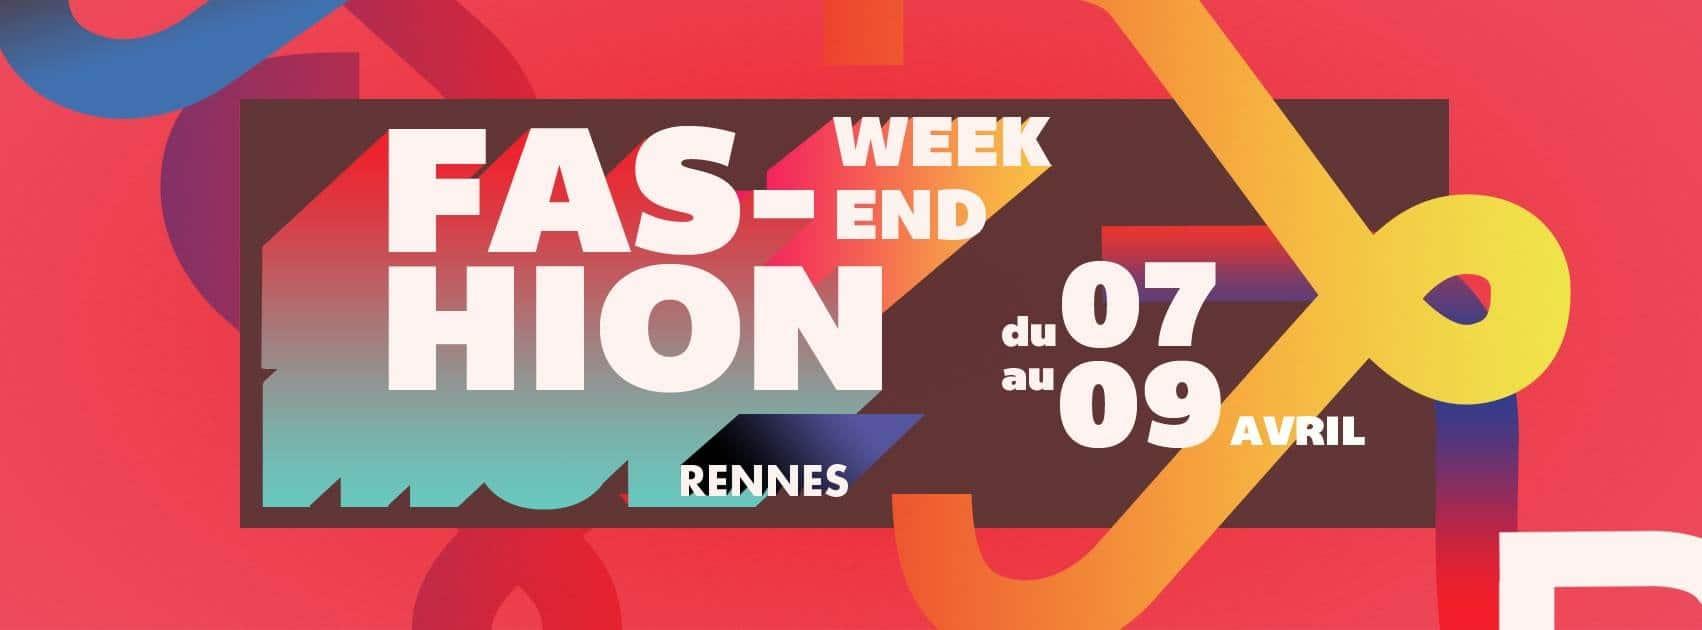 Fashion Week-End